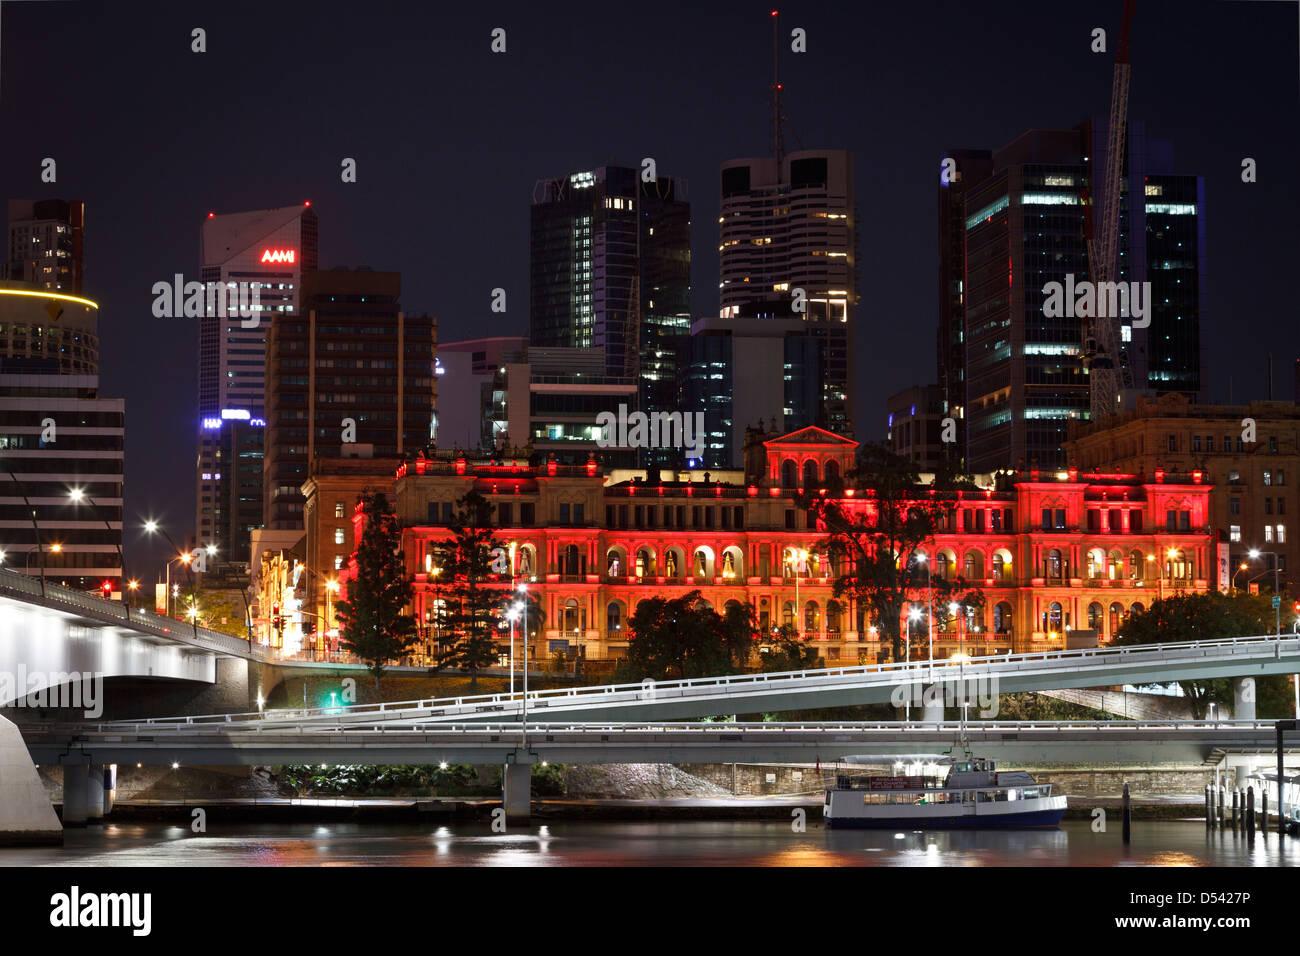 Brisbane at dusk - Stock Image